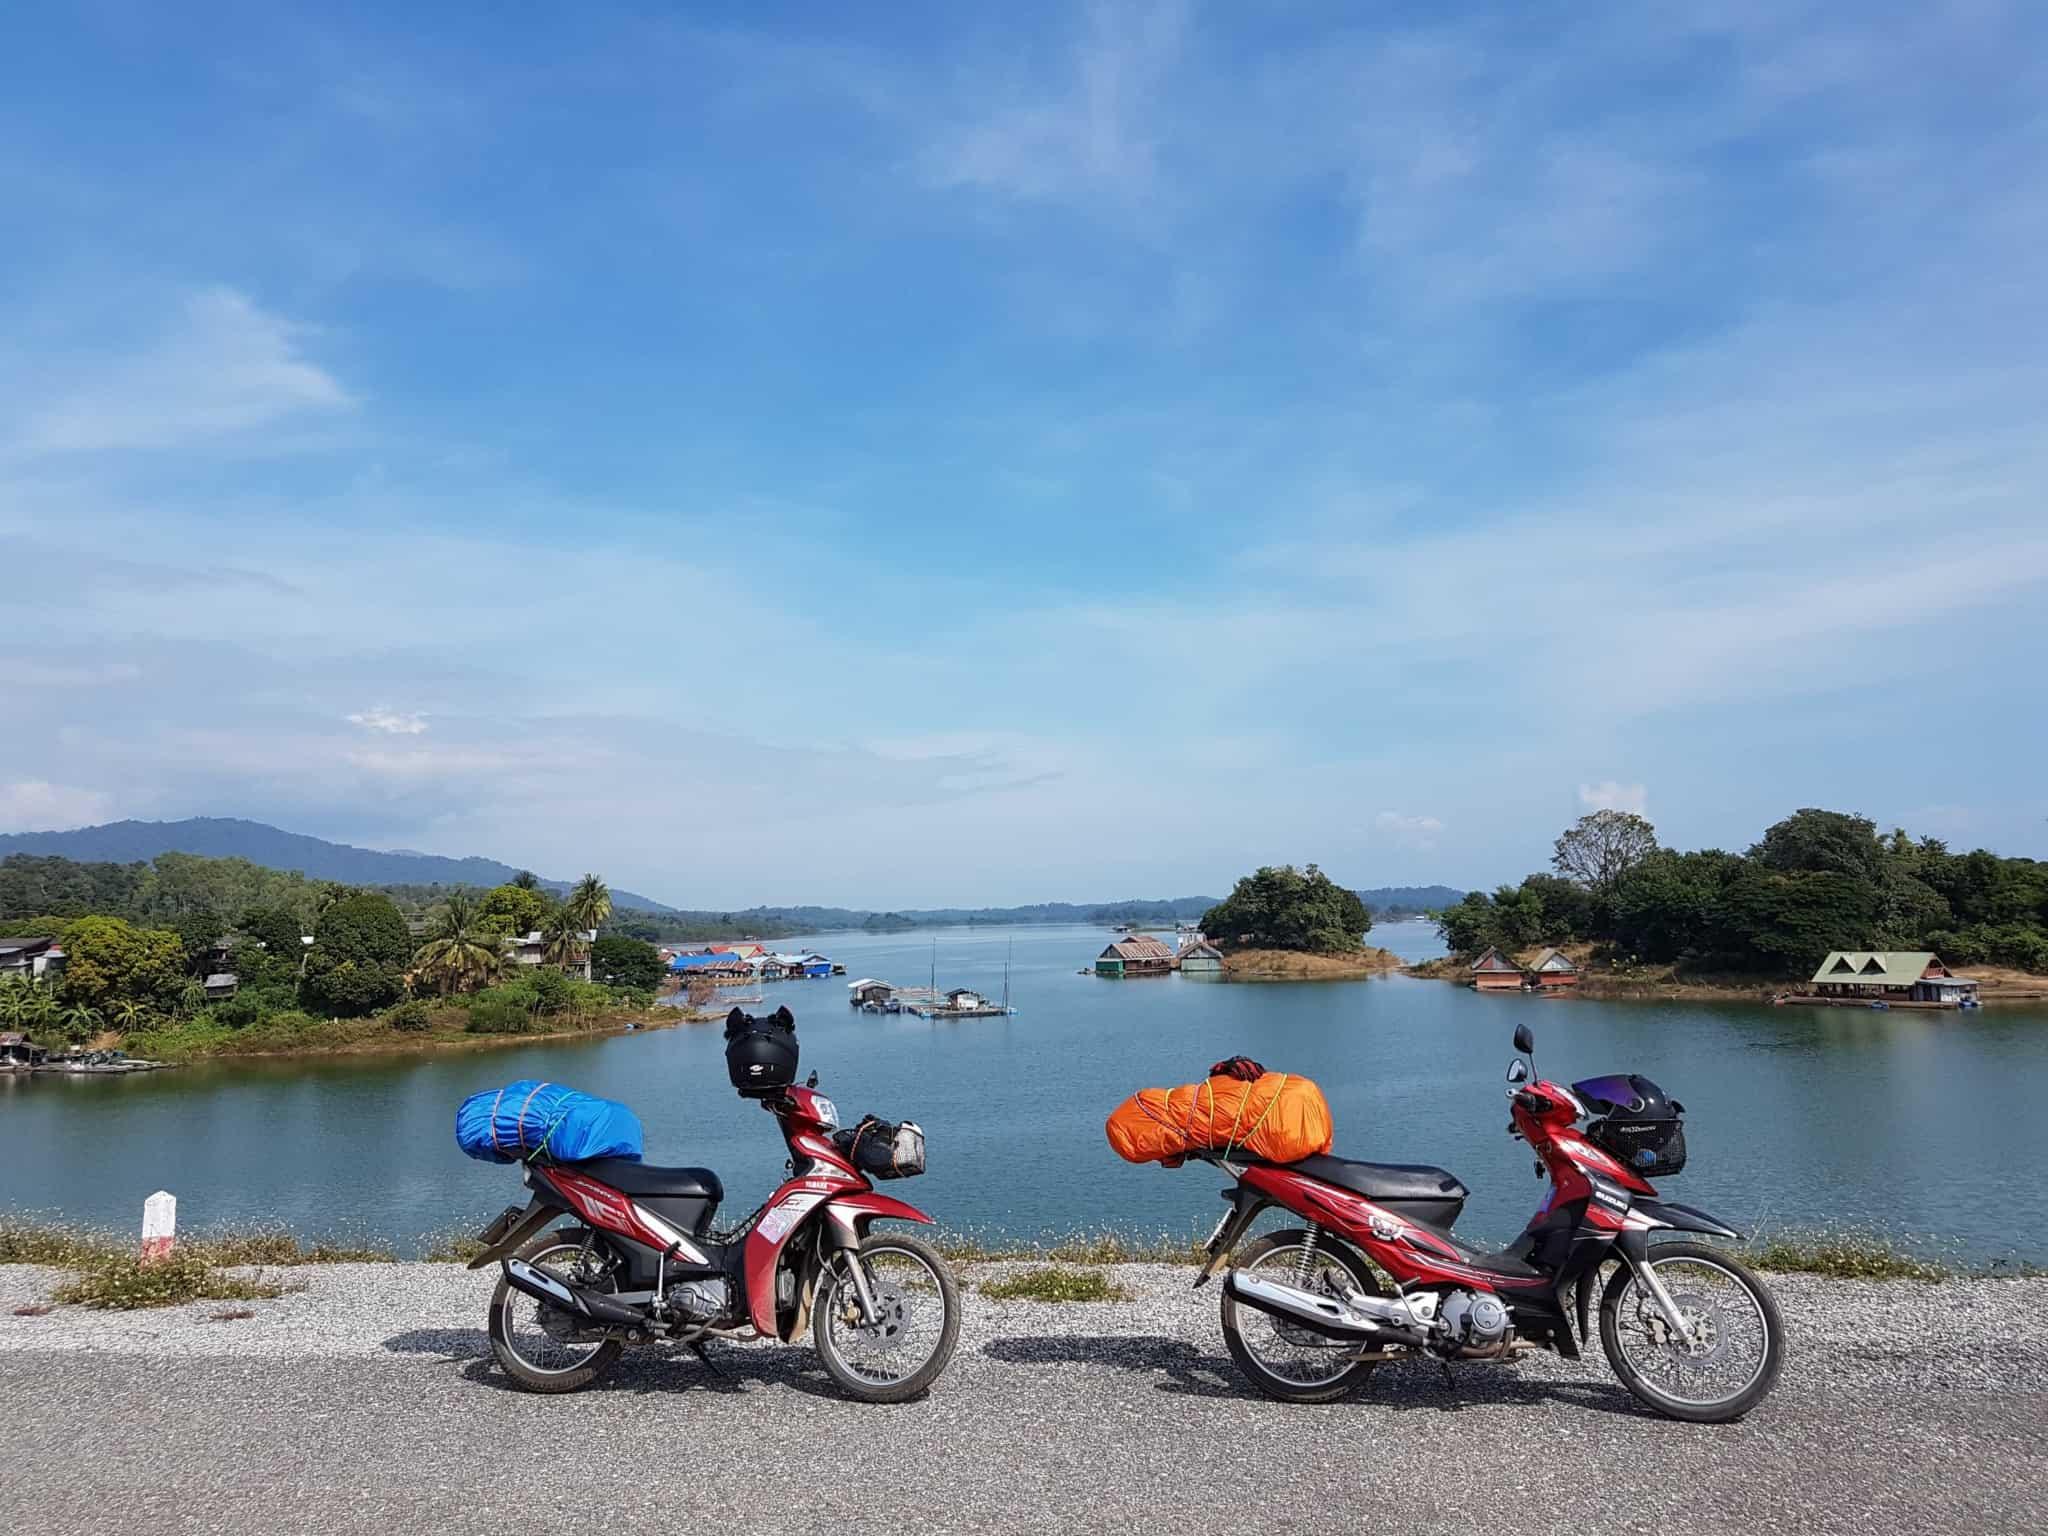 Thaïlande, bilan de ces 2 mois à sillonner les routes à moto 🧡 8